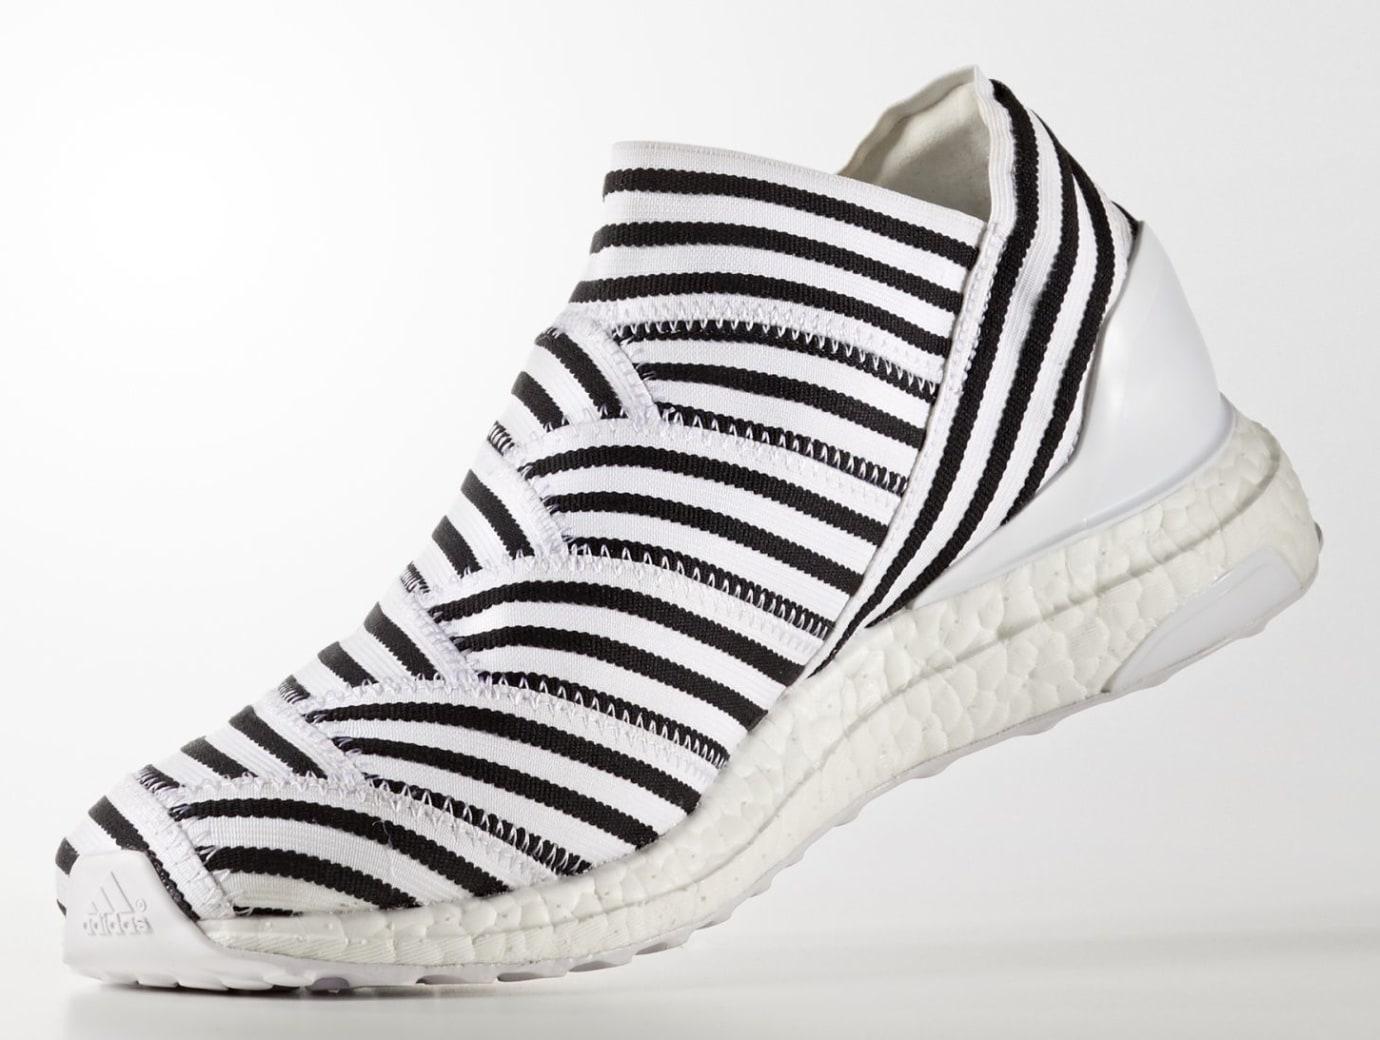 Adidas Nemeziz Tango 17+ 360 Agility 'Running White/Running White/Core Black' CG3656 (Medial)